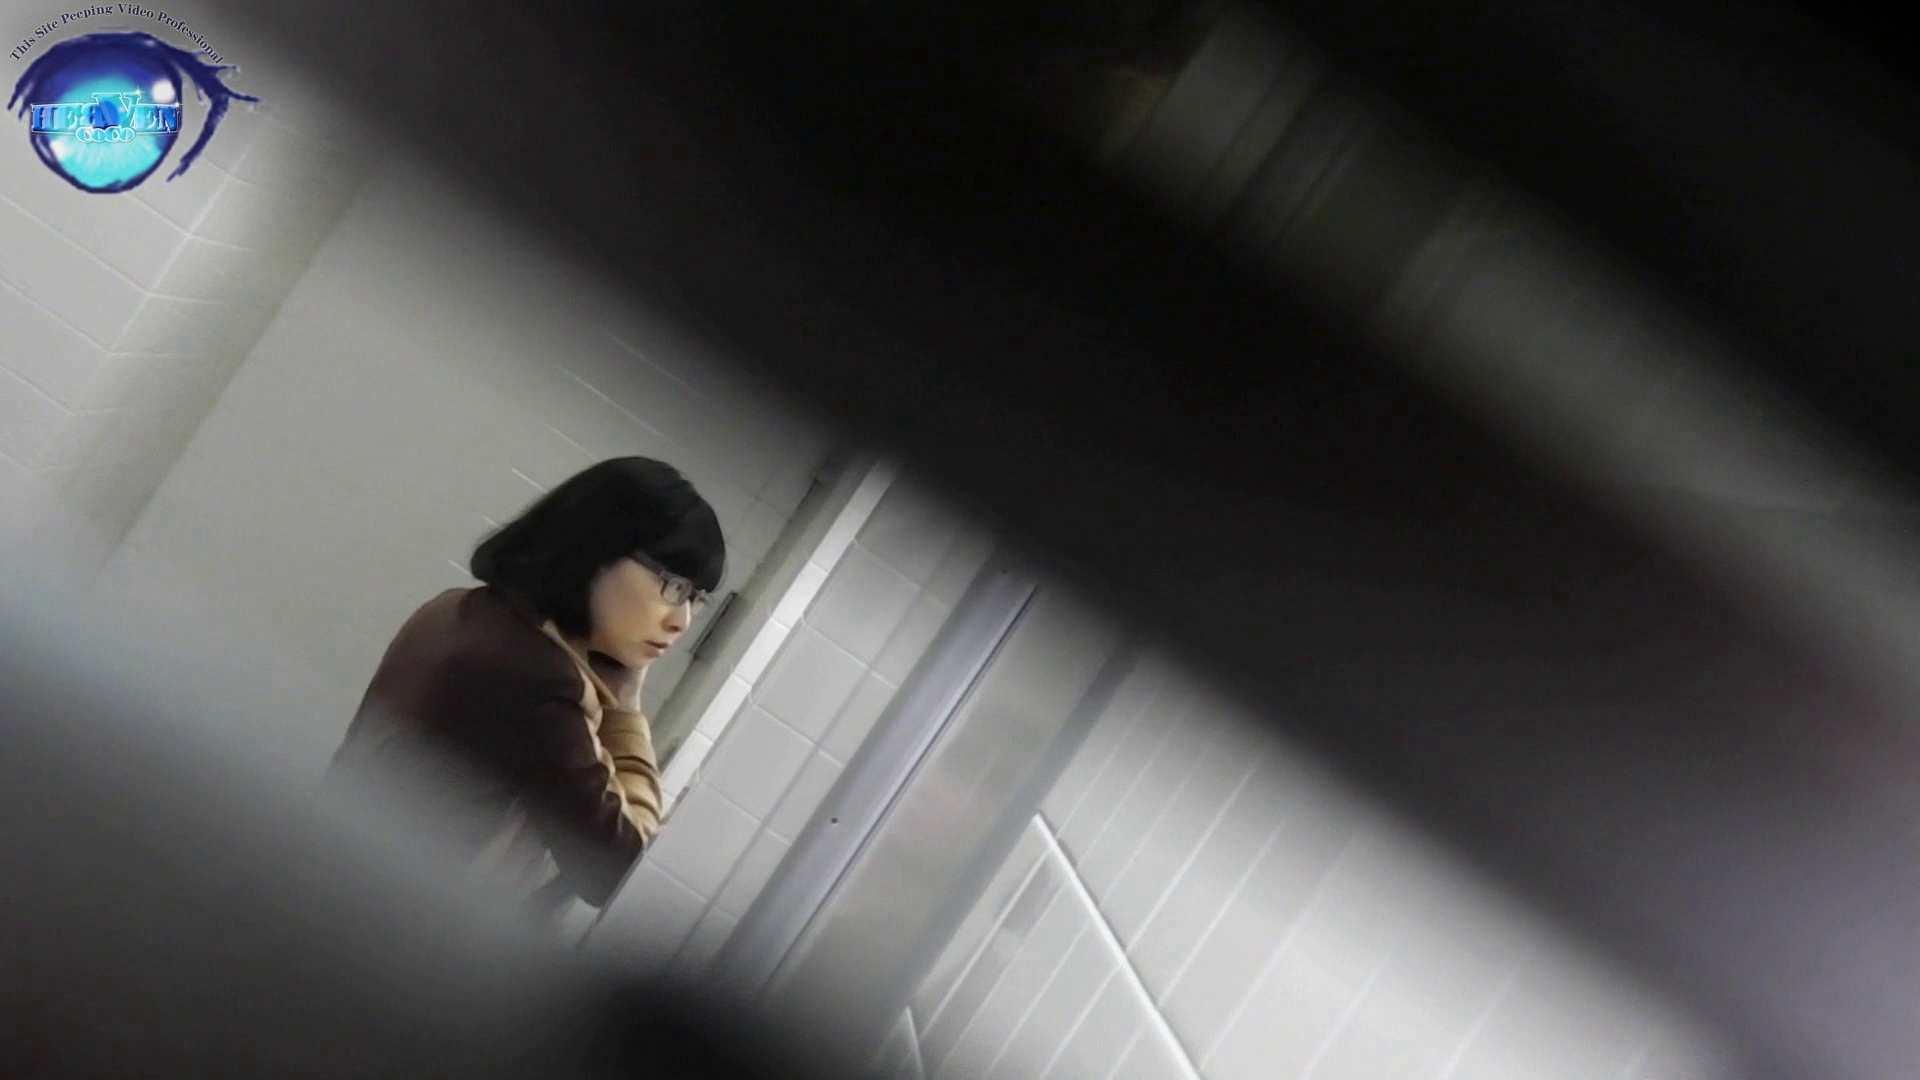 お銀さん vol.59 ピンチ!!「鏡の前で祈る女性」にばれる危機 前編 美人  96pic 24